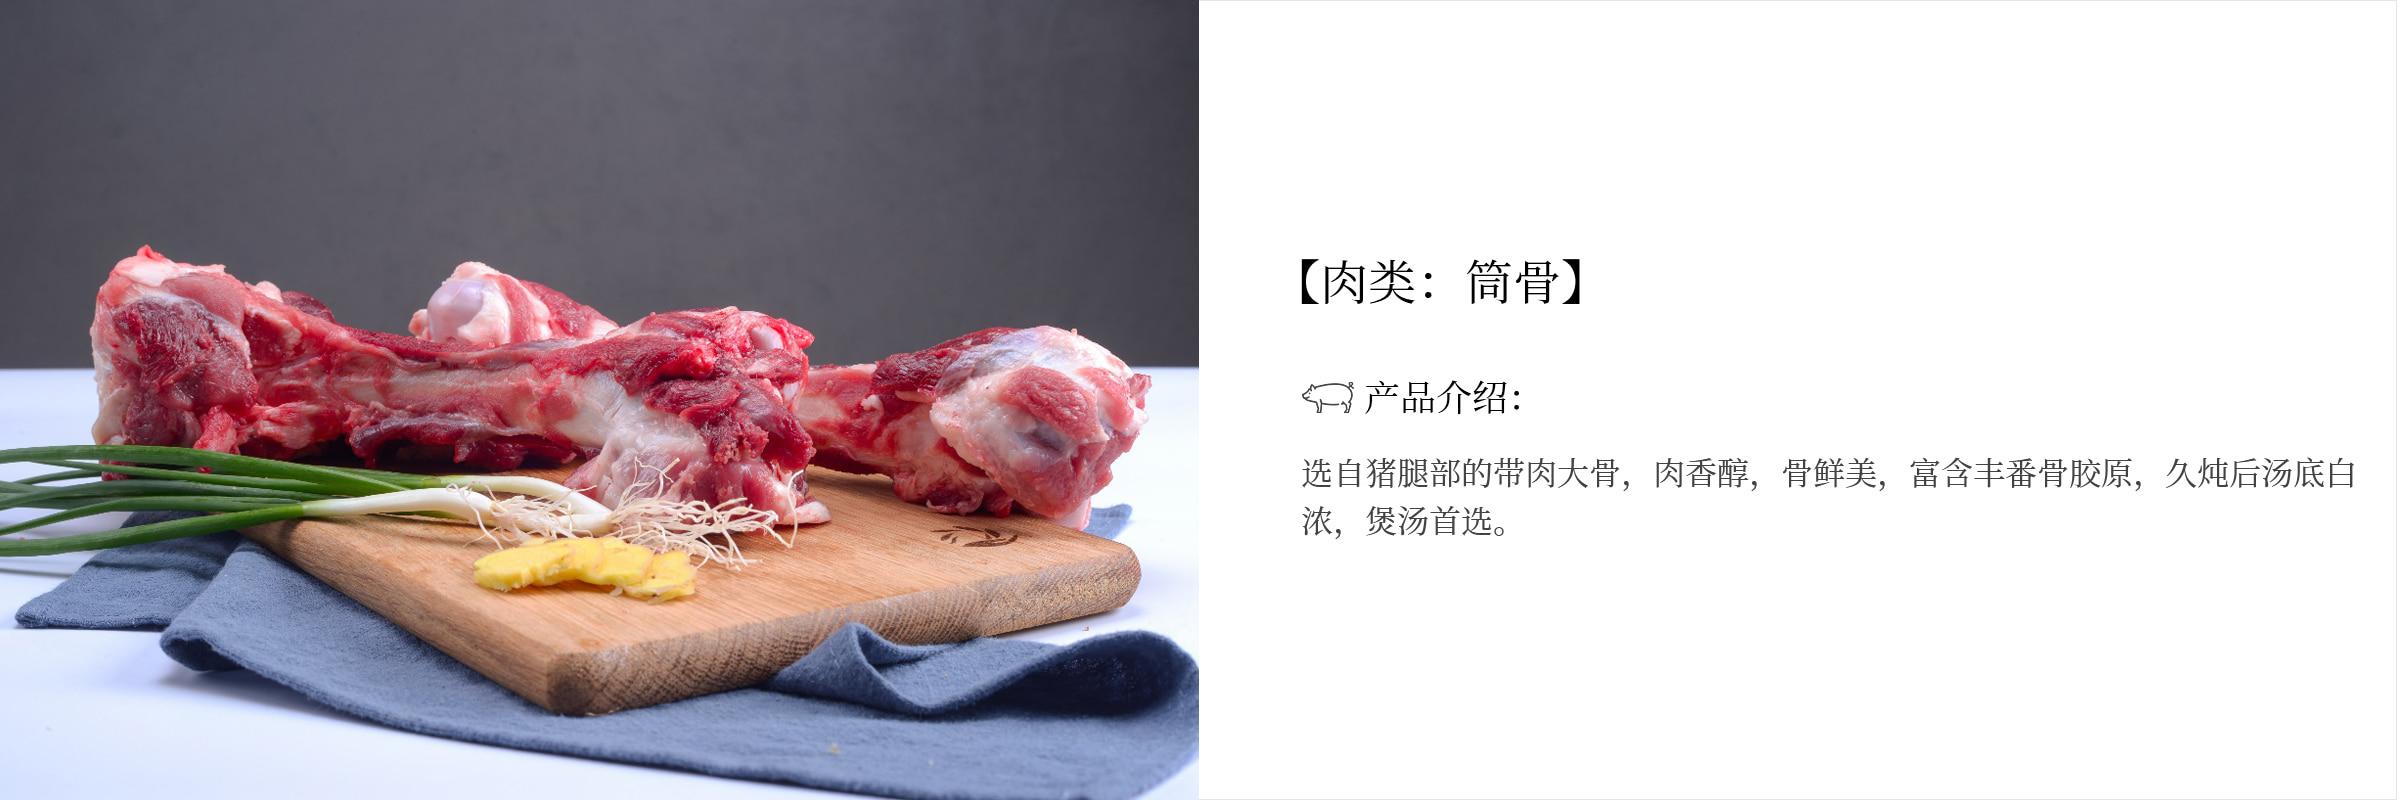 产品详情_04.jpg